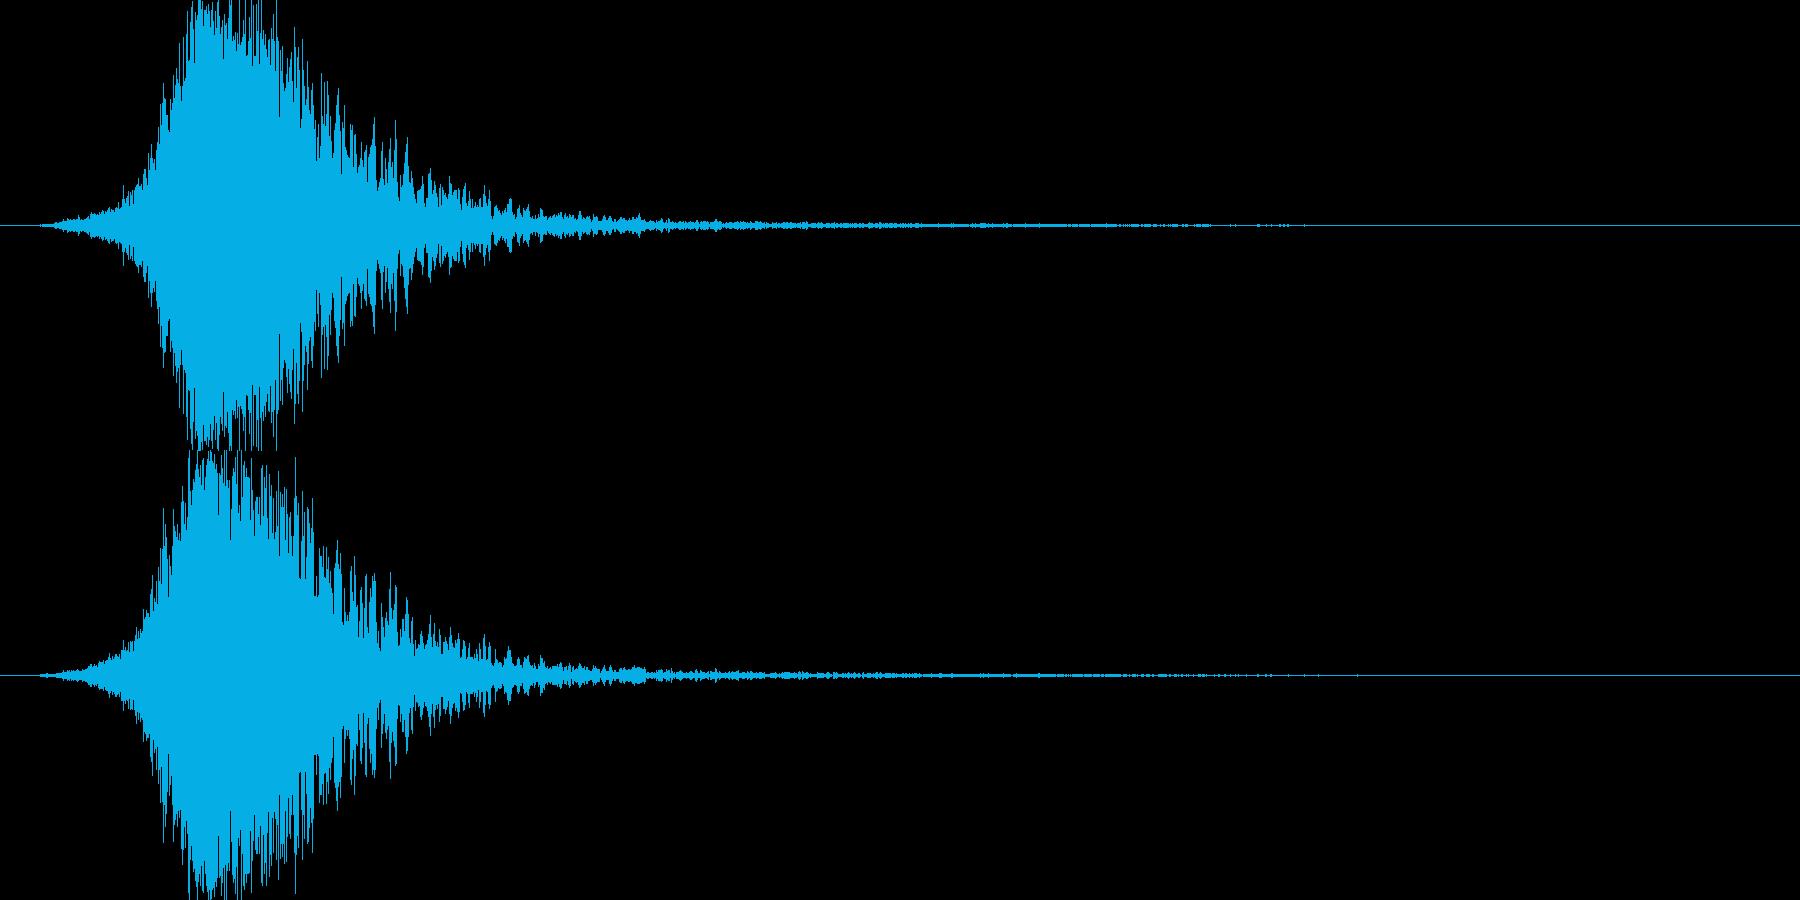 金属的な爆発音(破裂音)の再生済みの波形